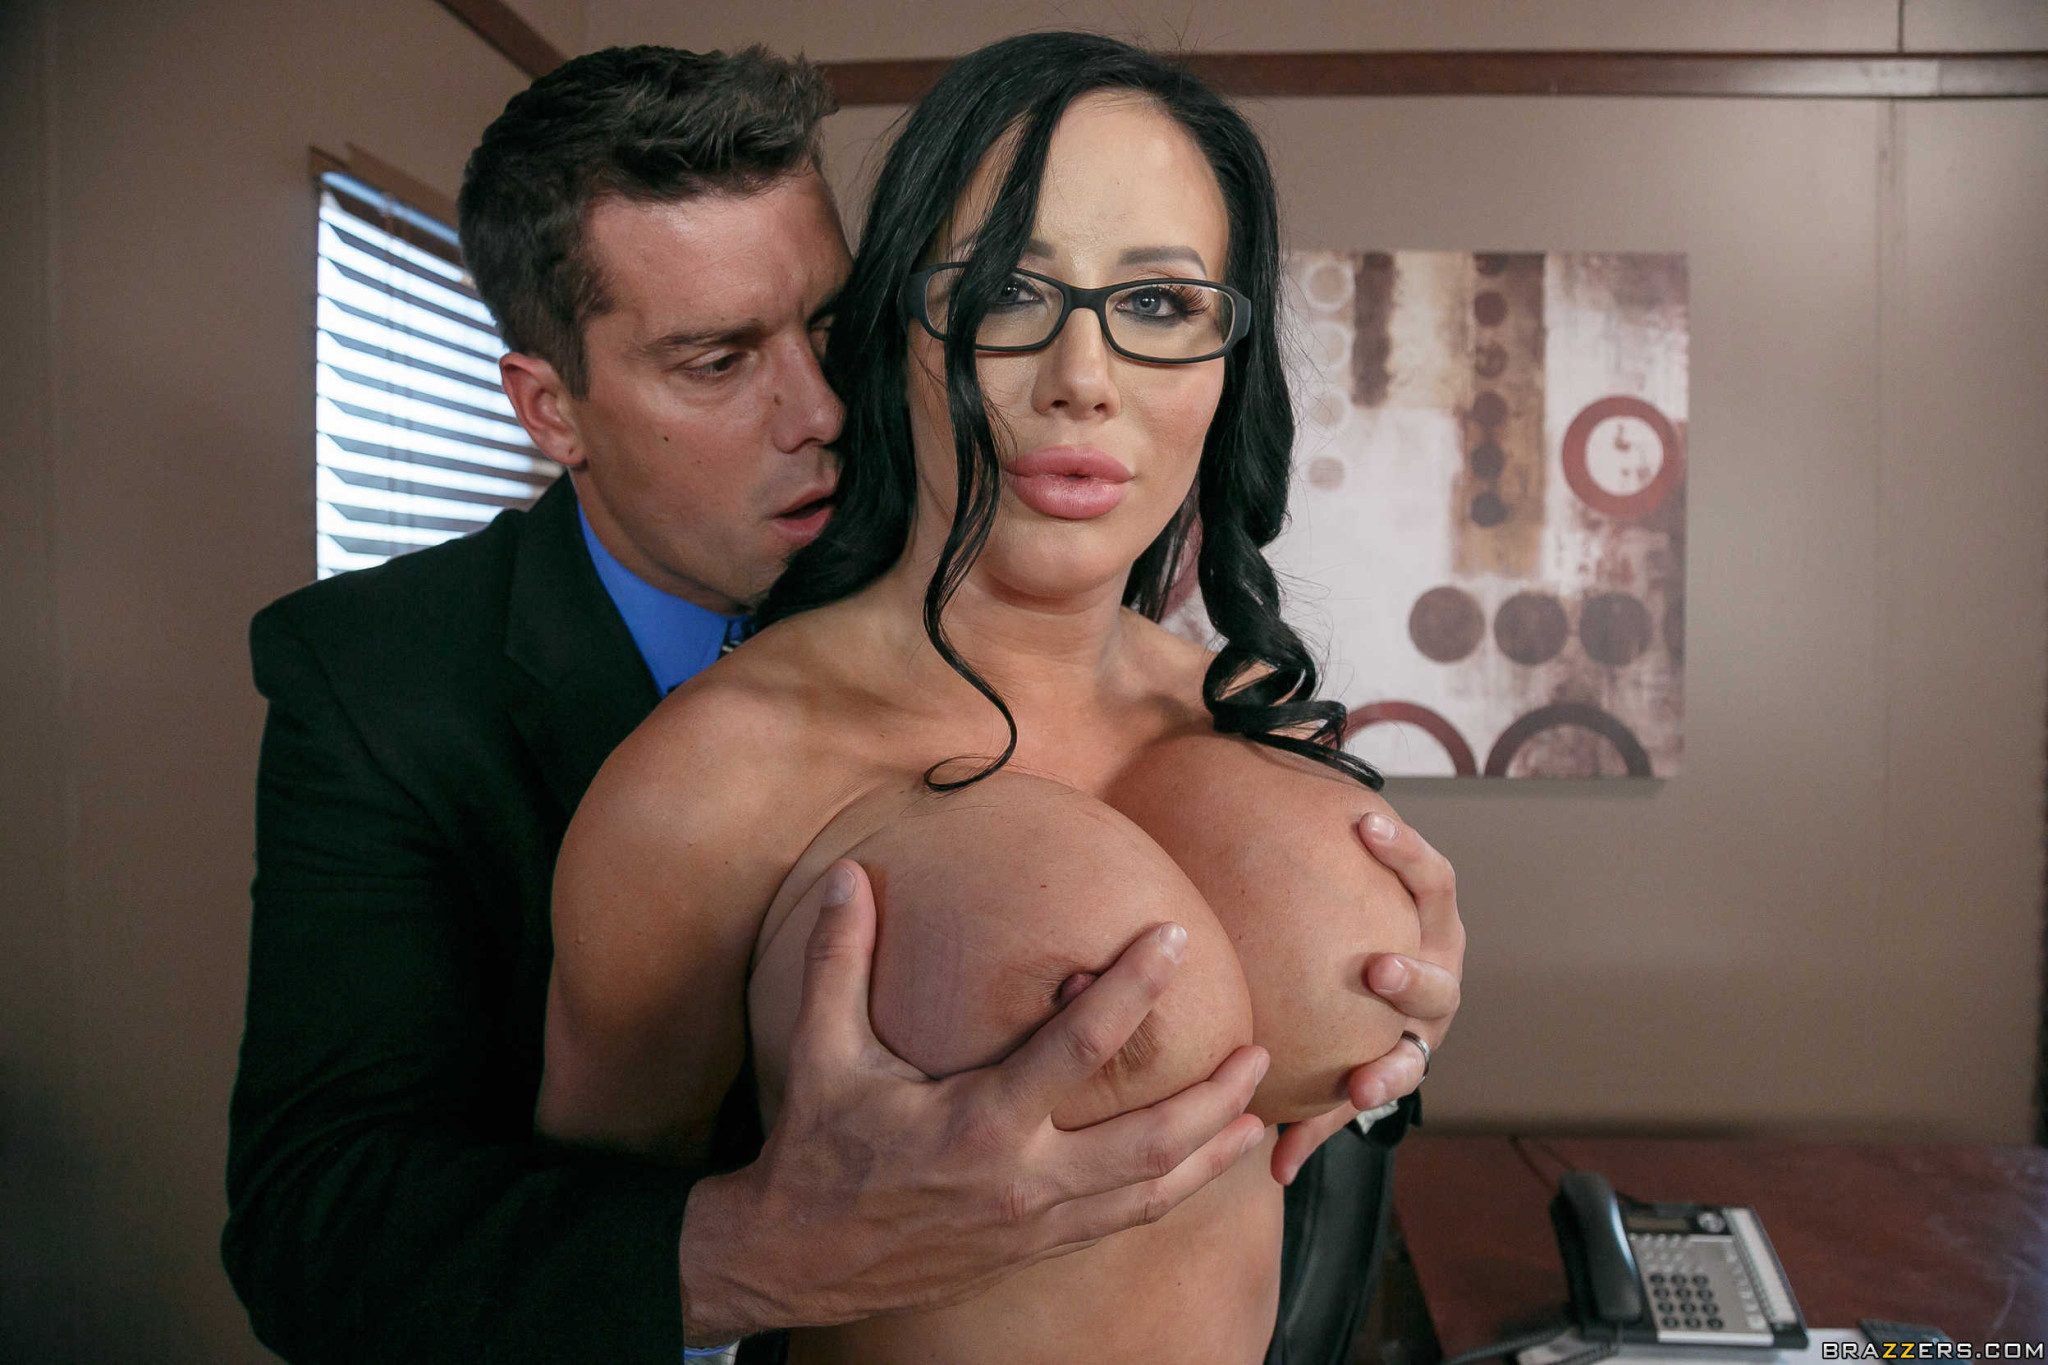 Большие дойки секретарши порно онлайн, в загорелый зад порно